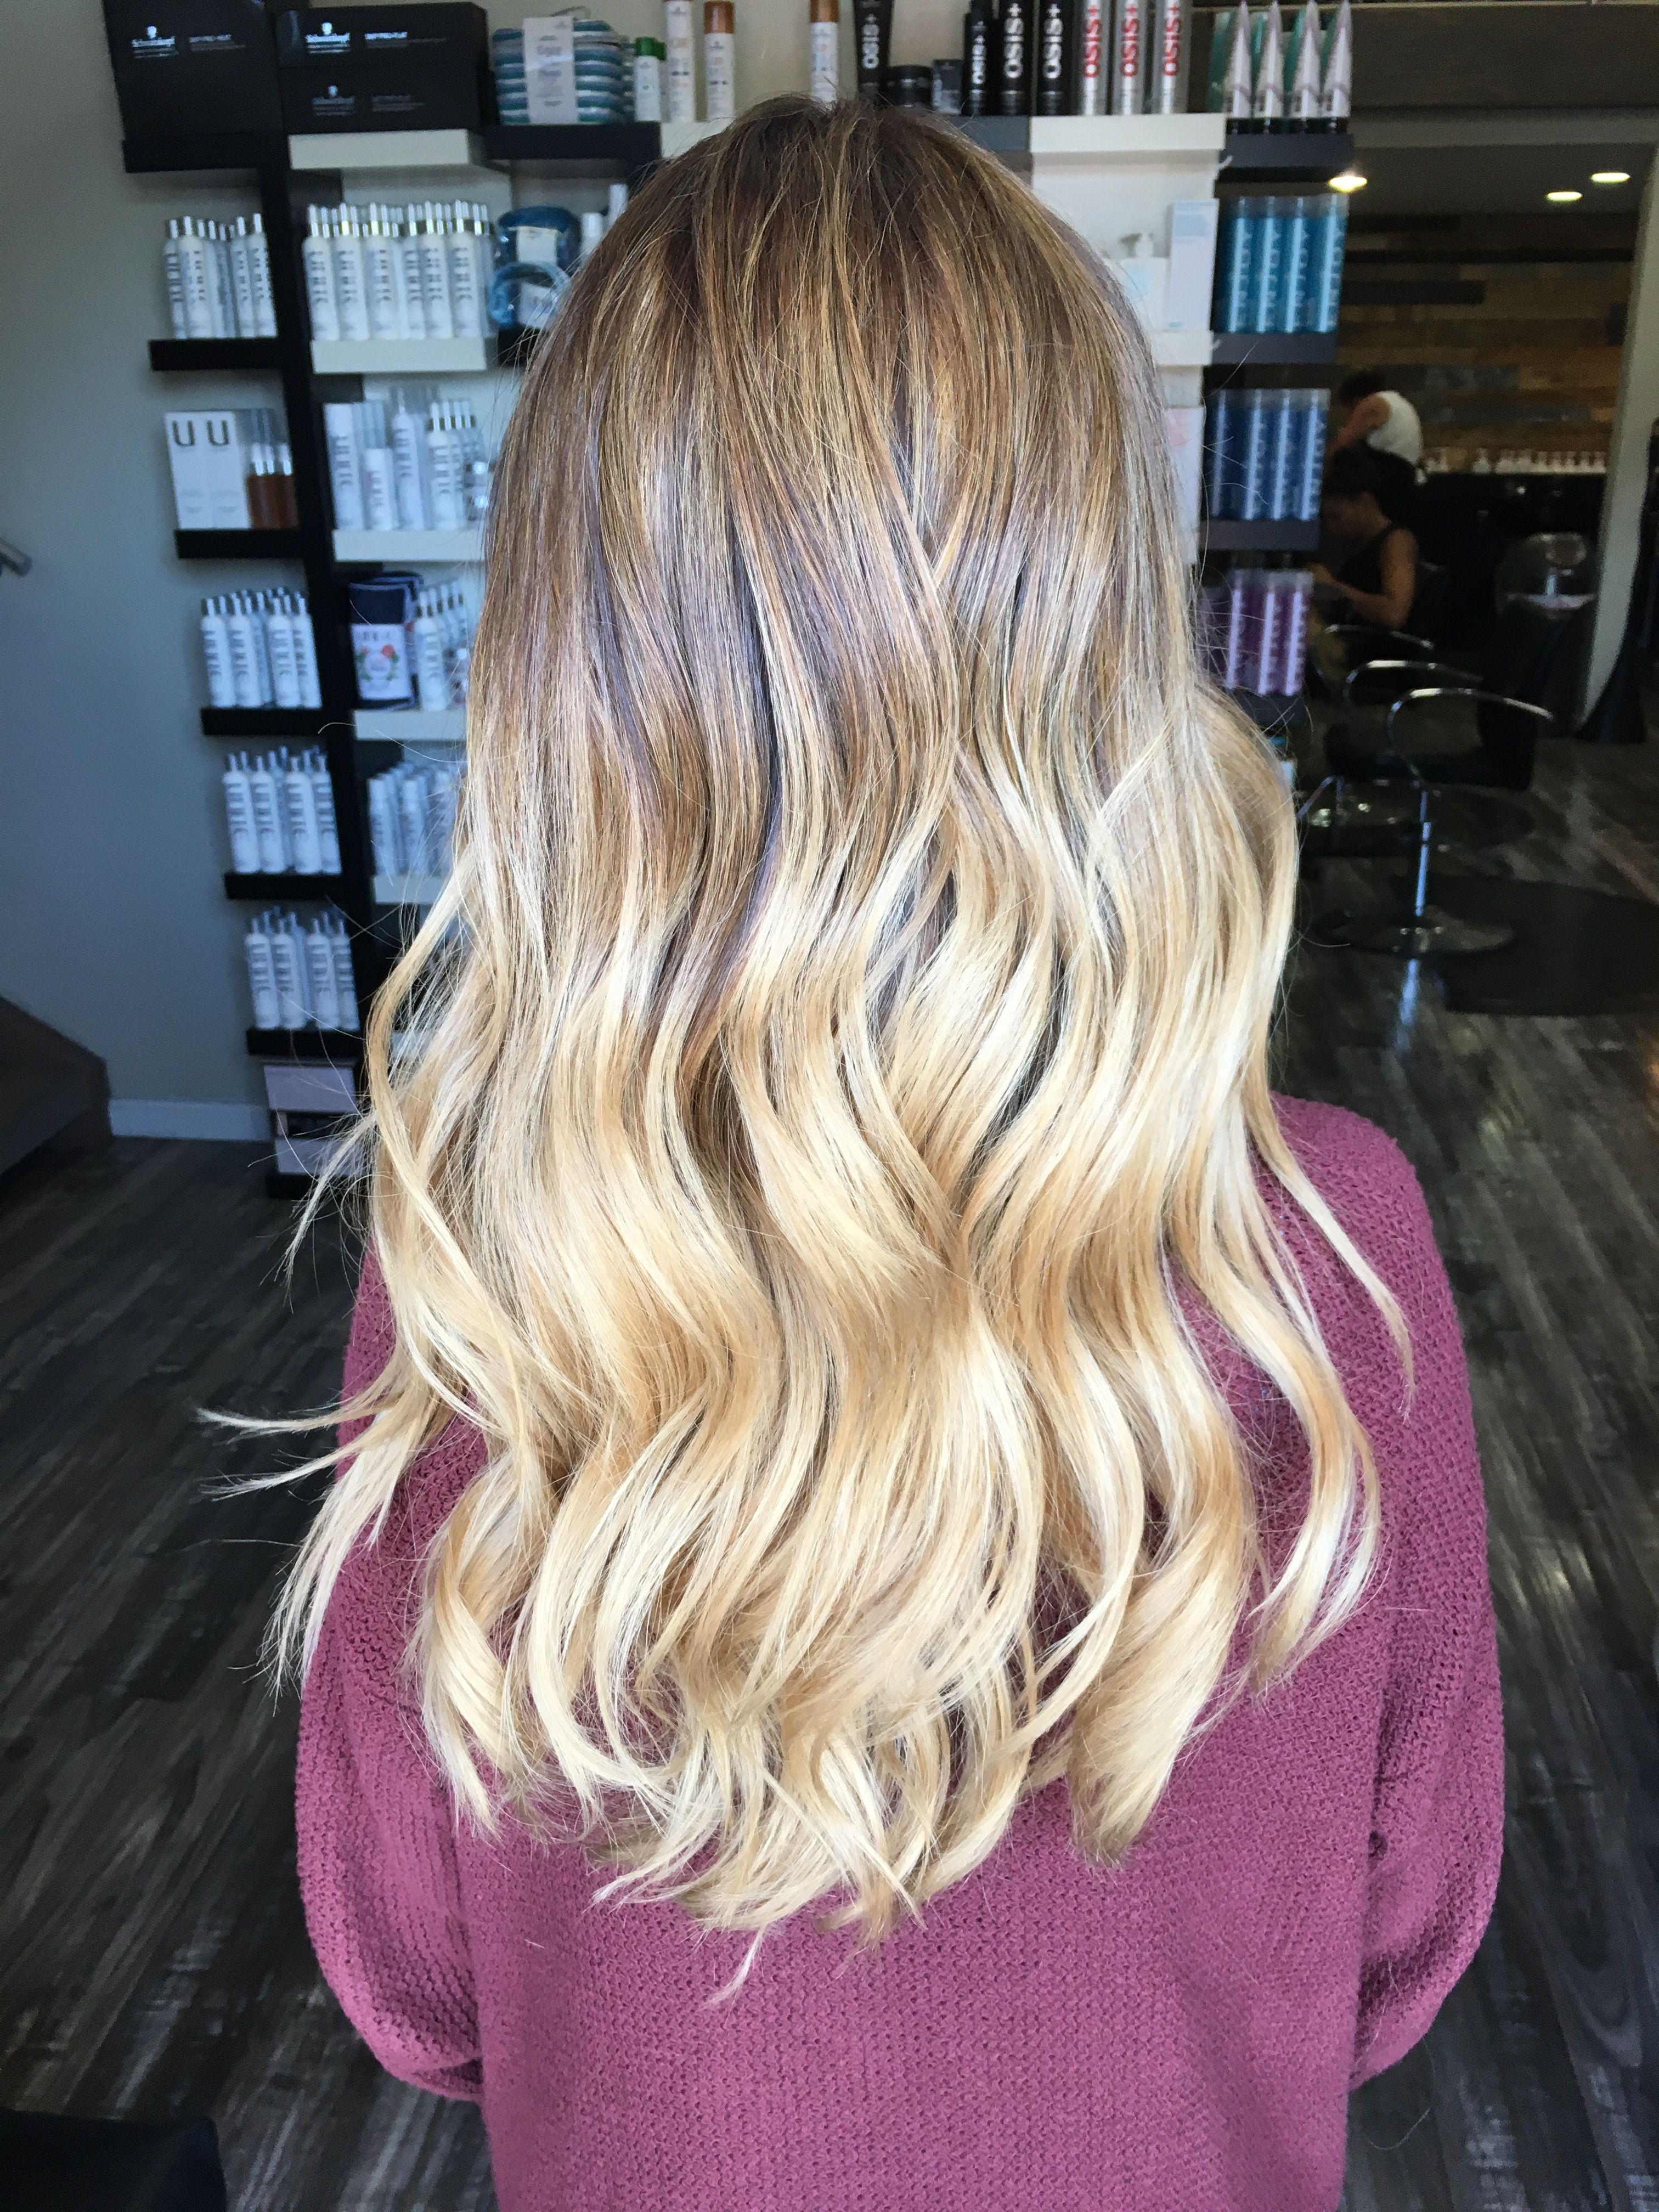 Blonde Hair Blonde Balayage Golden Blonde Hair Highlights